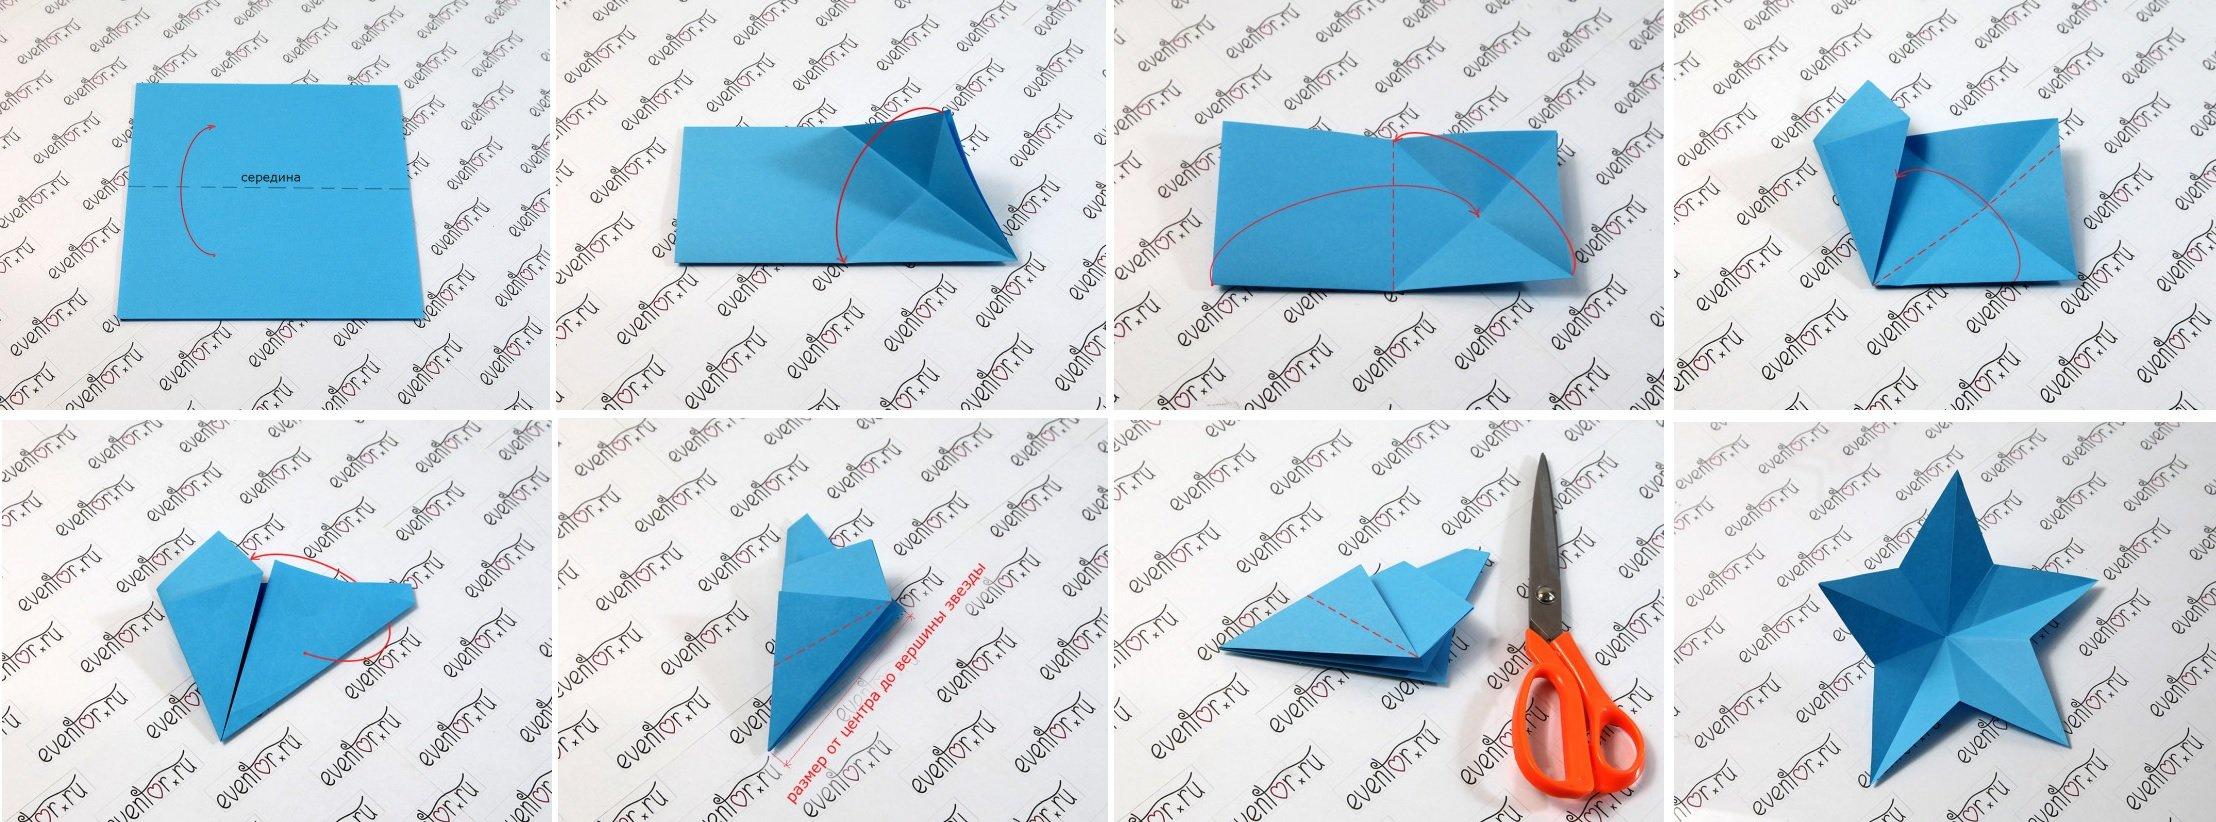 Как сделать из бумаги объемную руку 806